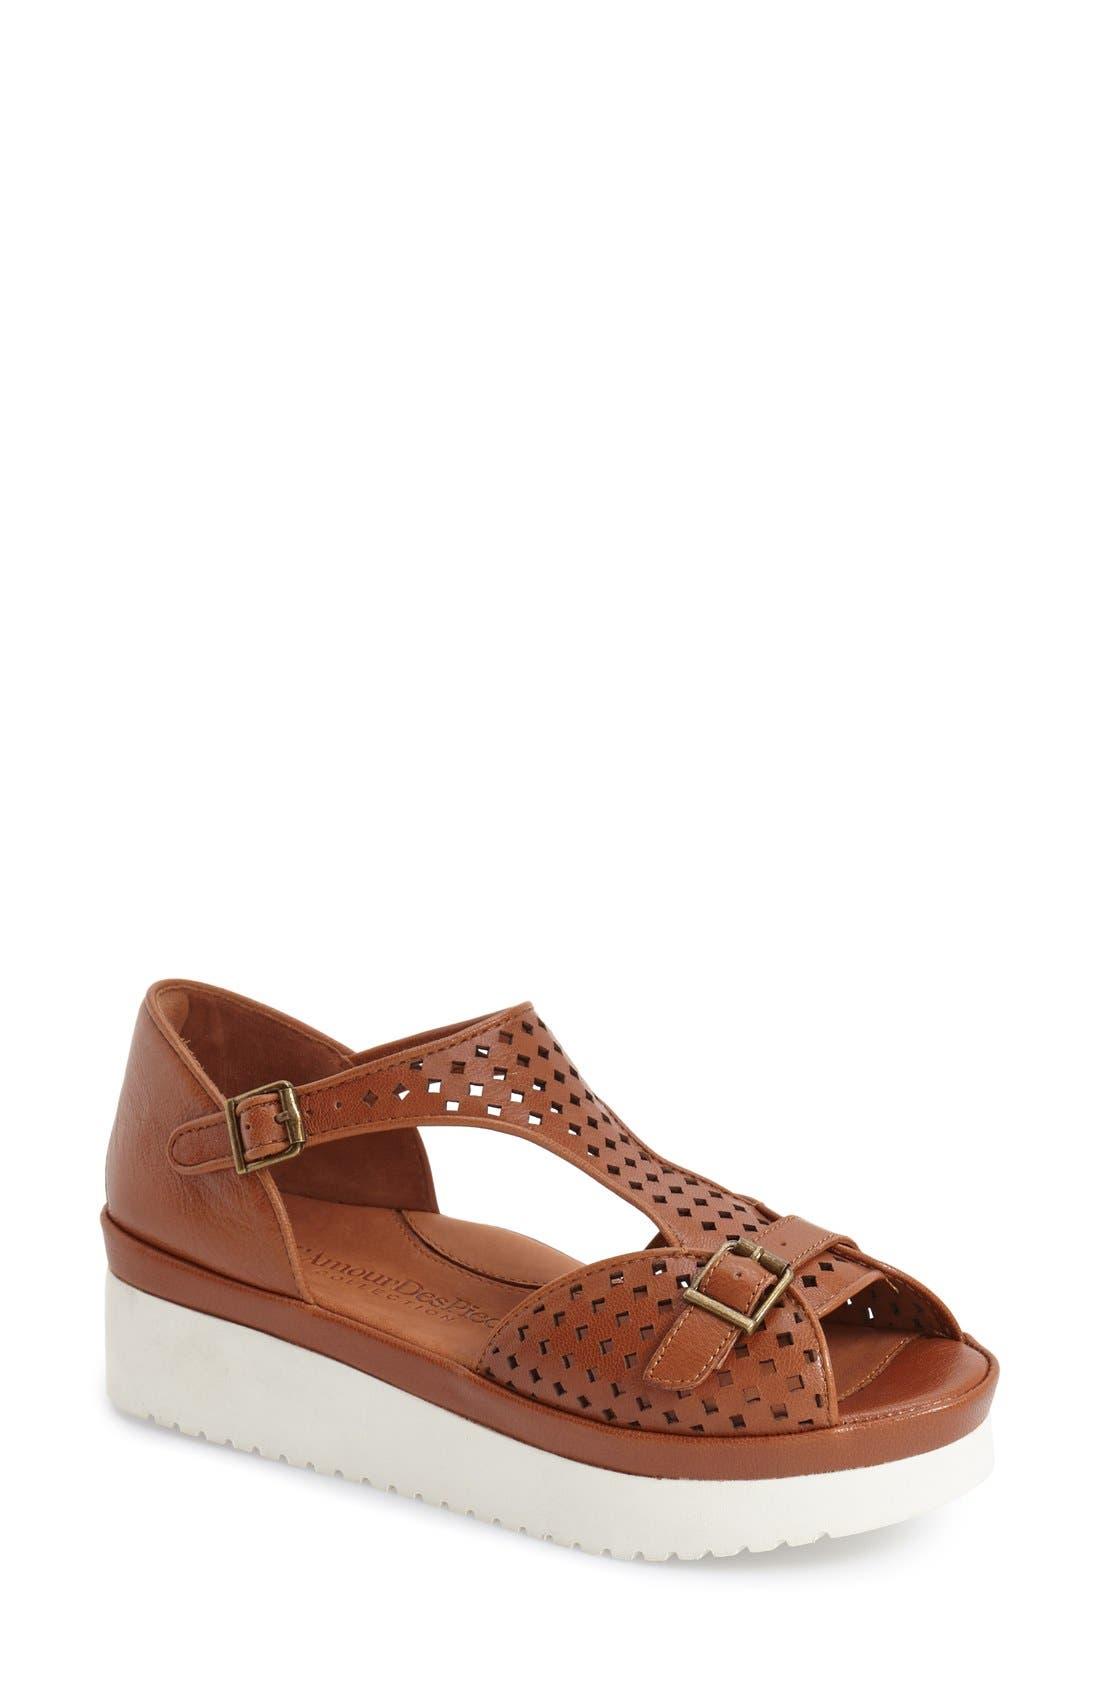 L'Amour des Pieds 'Audric' Platform T-Strap Sandal (Women)